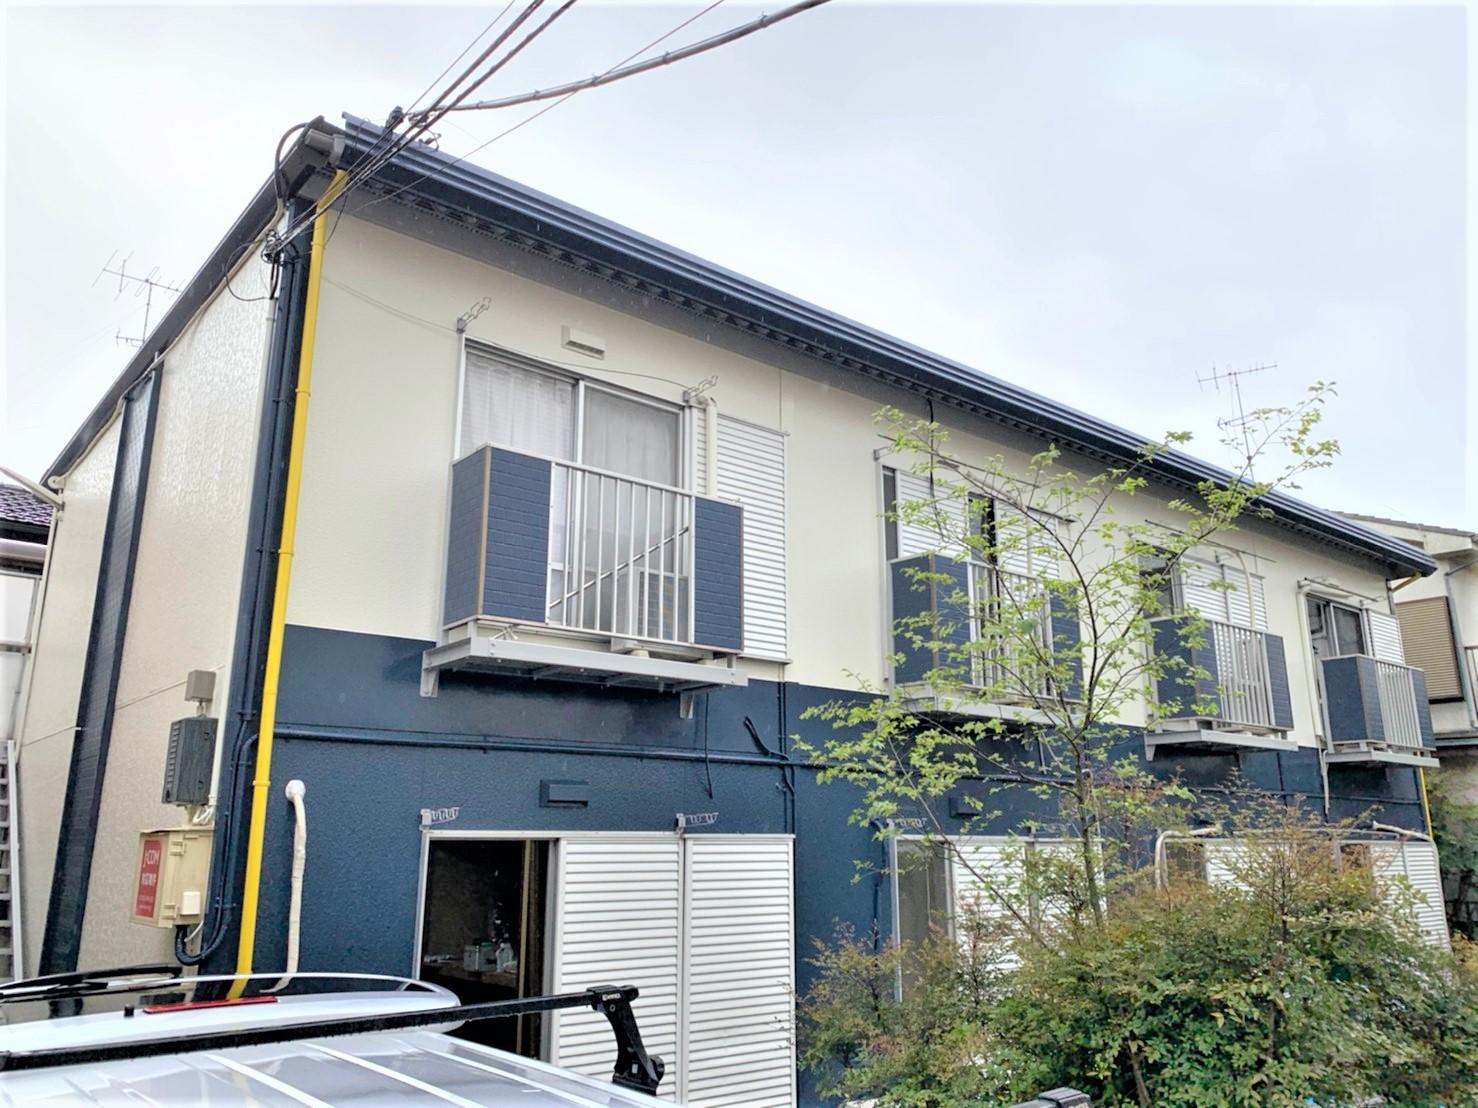 【物件管理】お客様の声No.10(一棟アパート・神奈川県相模原市 ほか)の物件写真